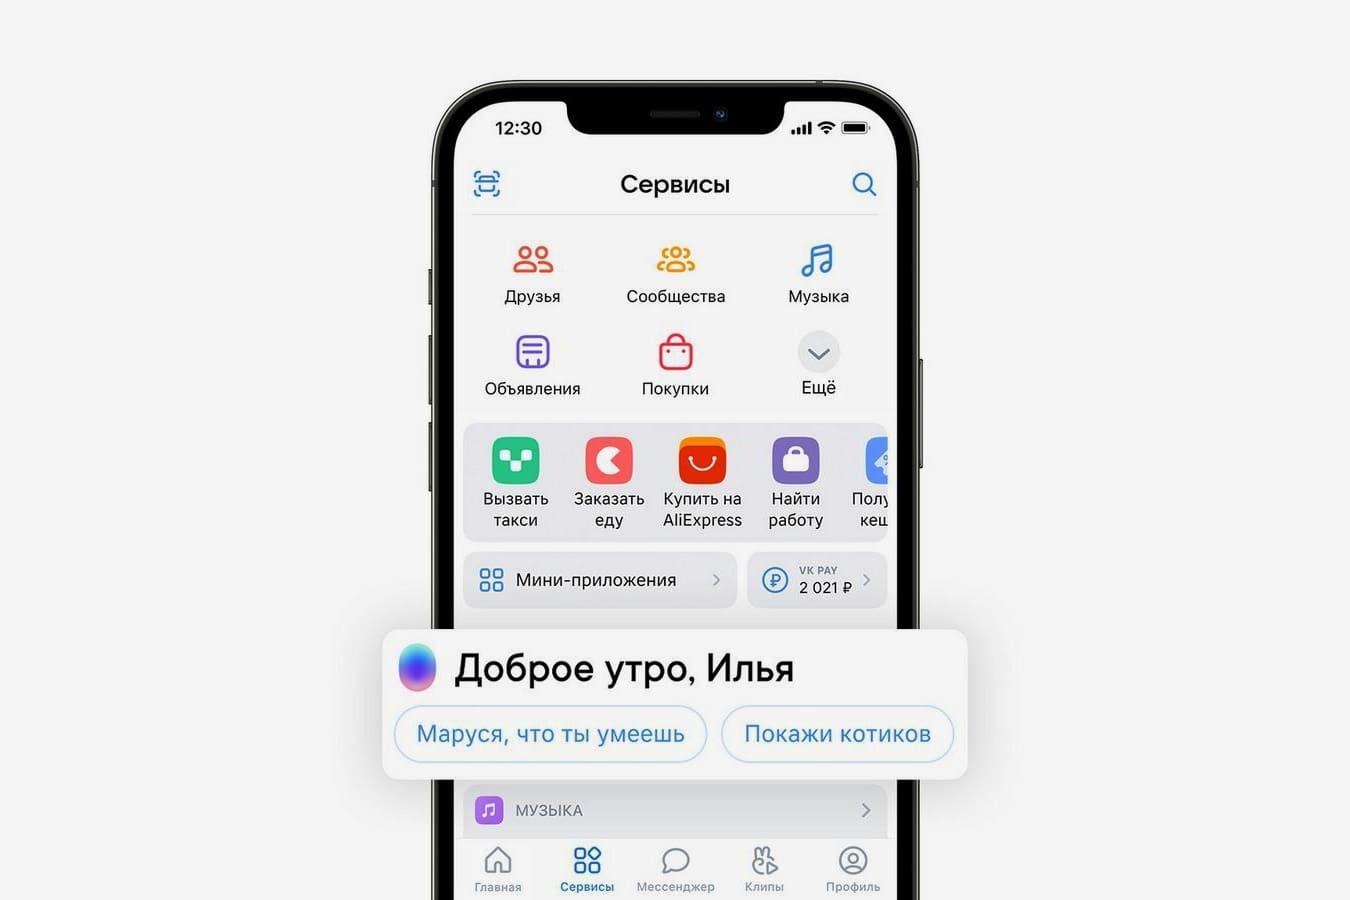 В приложении ВКонтакте появится ассистент Маруся от Mail.ru